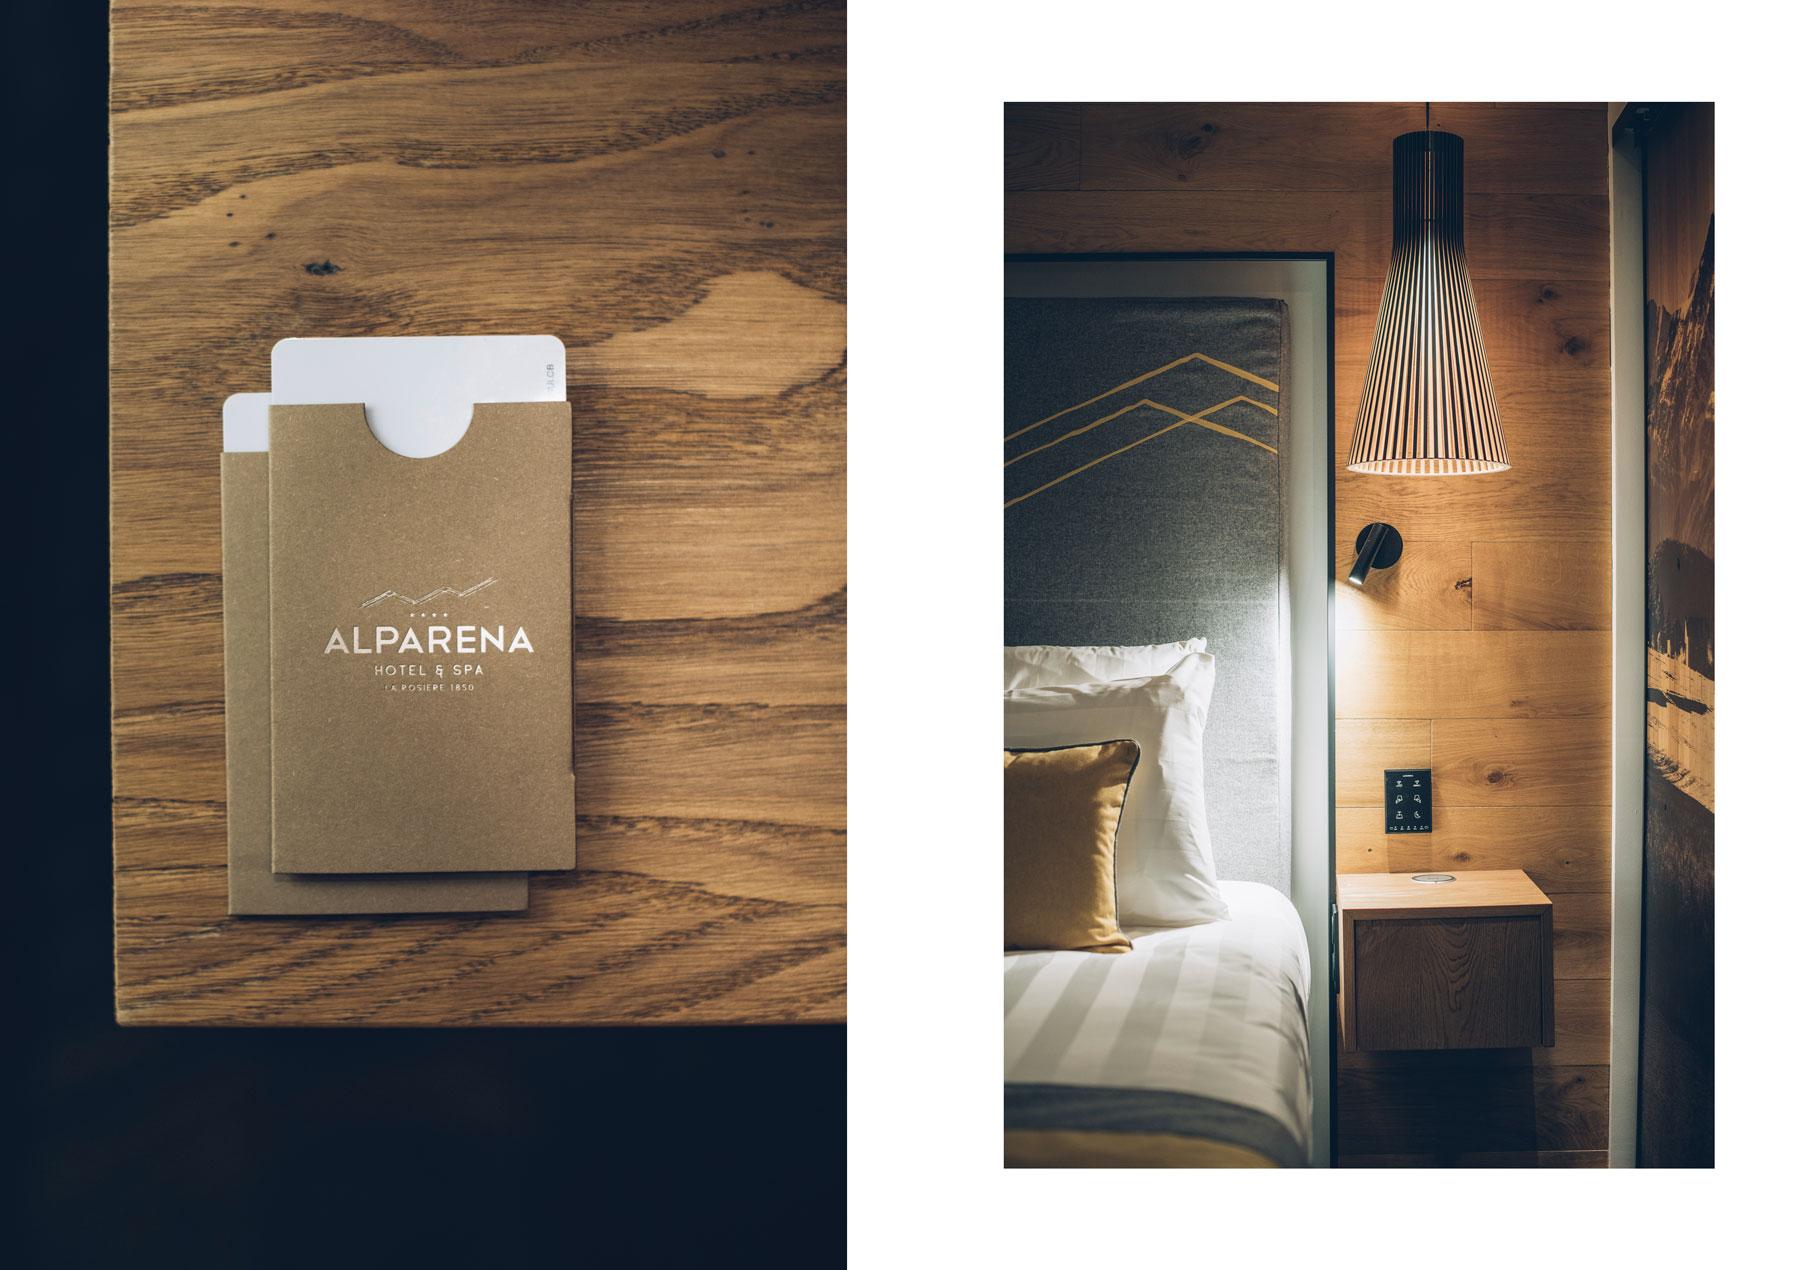 Chambres Hotel Alparena, La Rosière